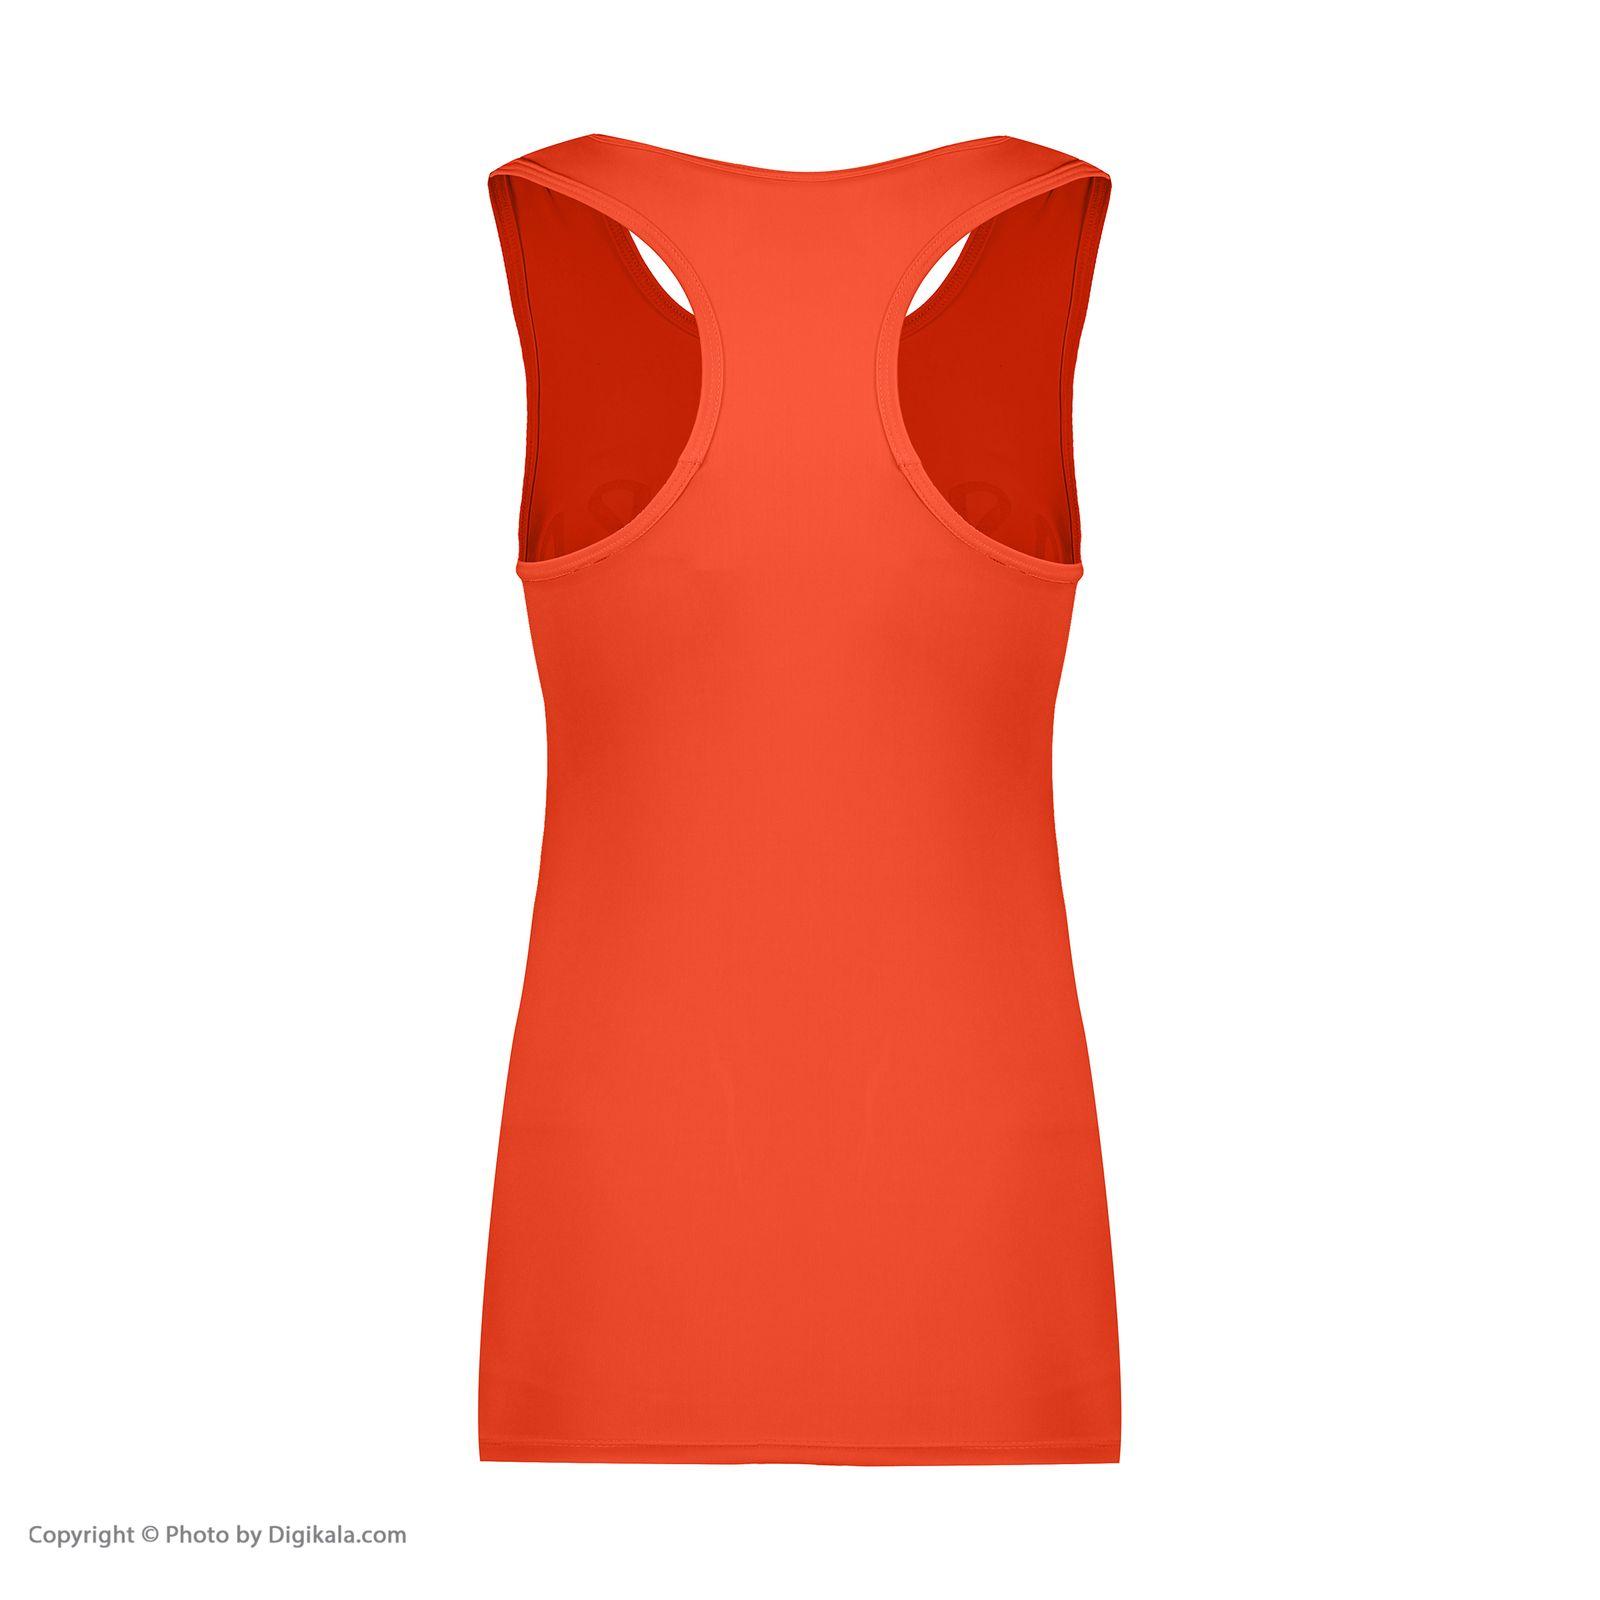 تاپ ورزشی زنانه هالیدی مدل 854902-red main 1 3